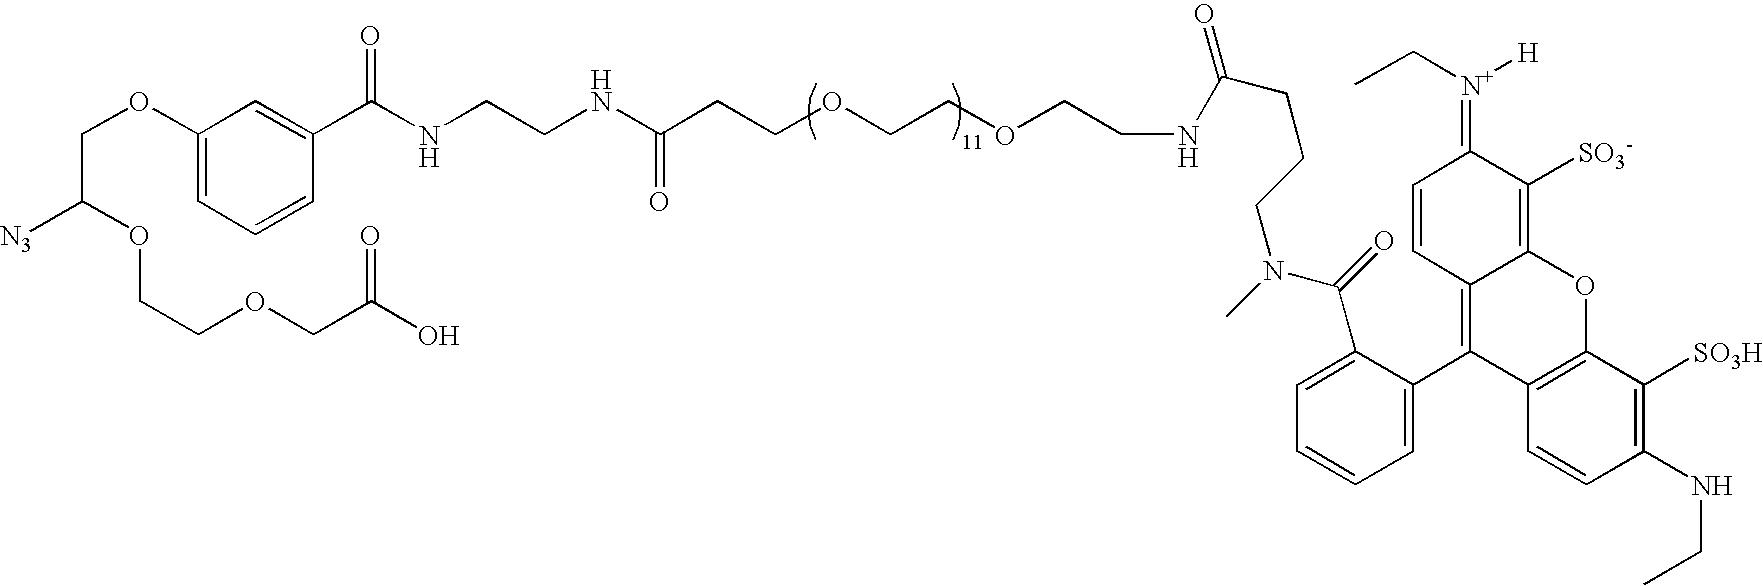 Figure US07816503-20101019-C00010